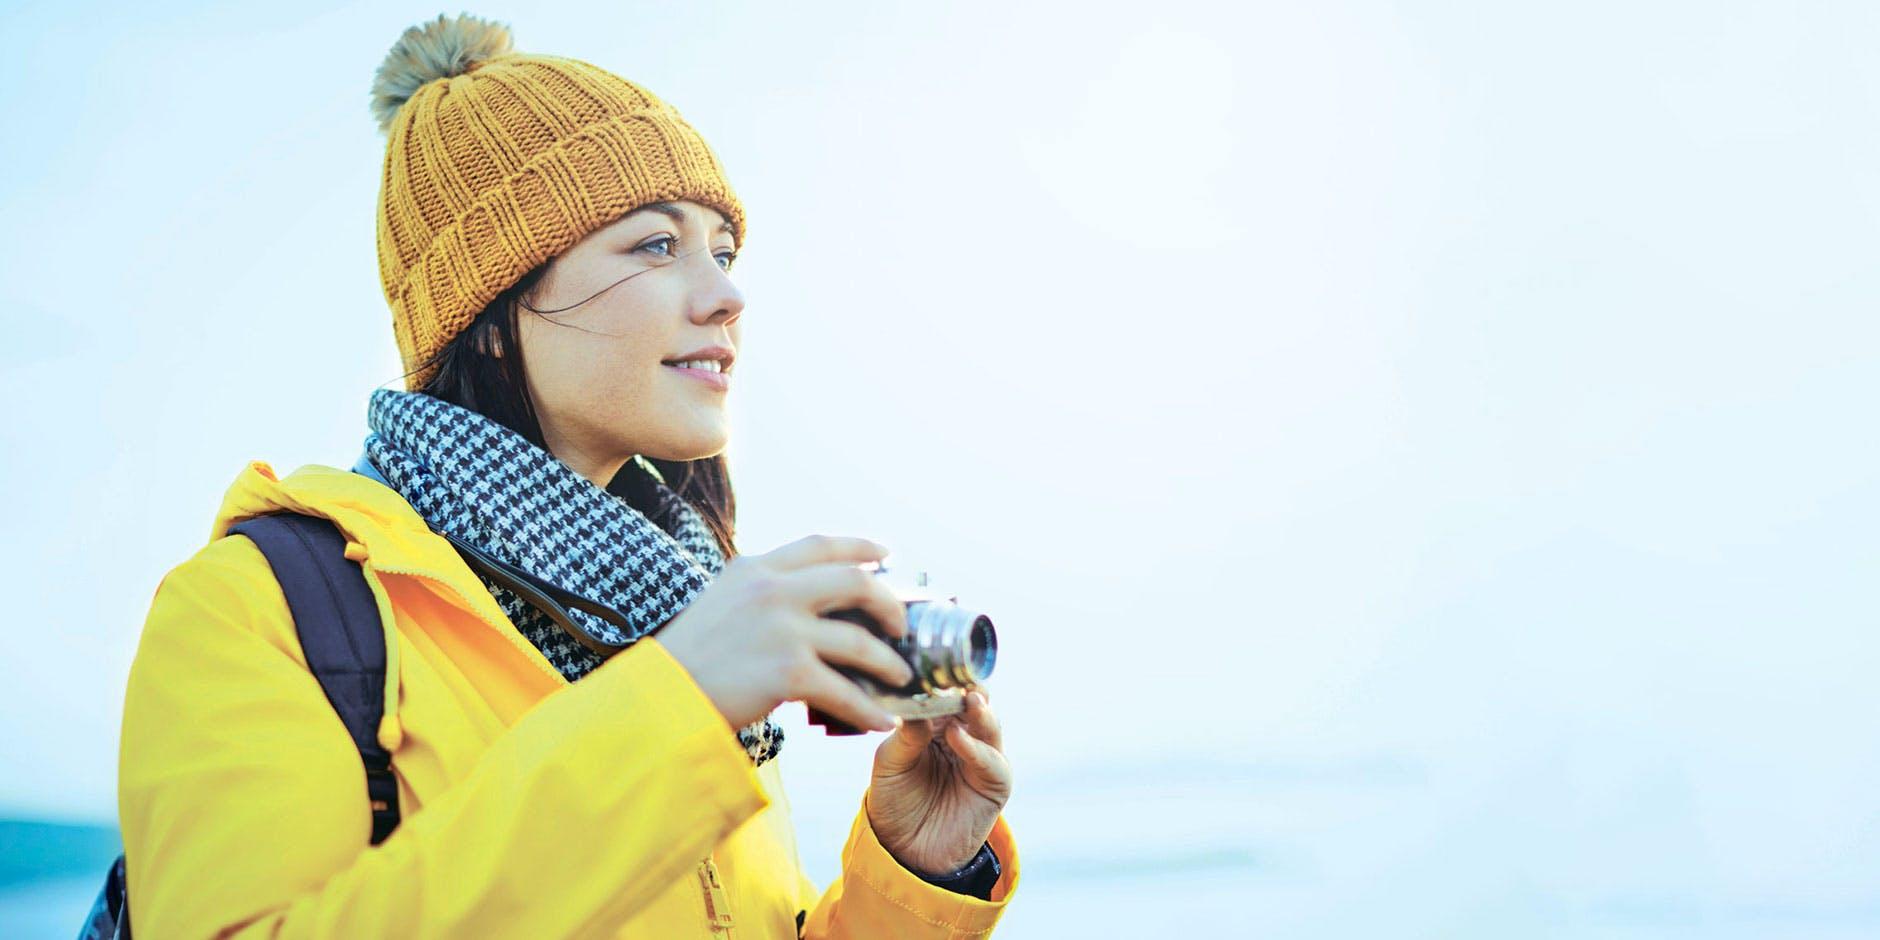 Nainen kameran kanssa - Mitä on ksylometatsoliini?